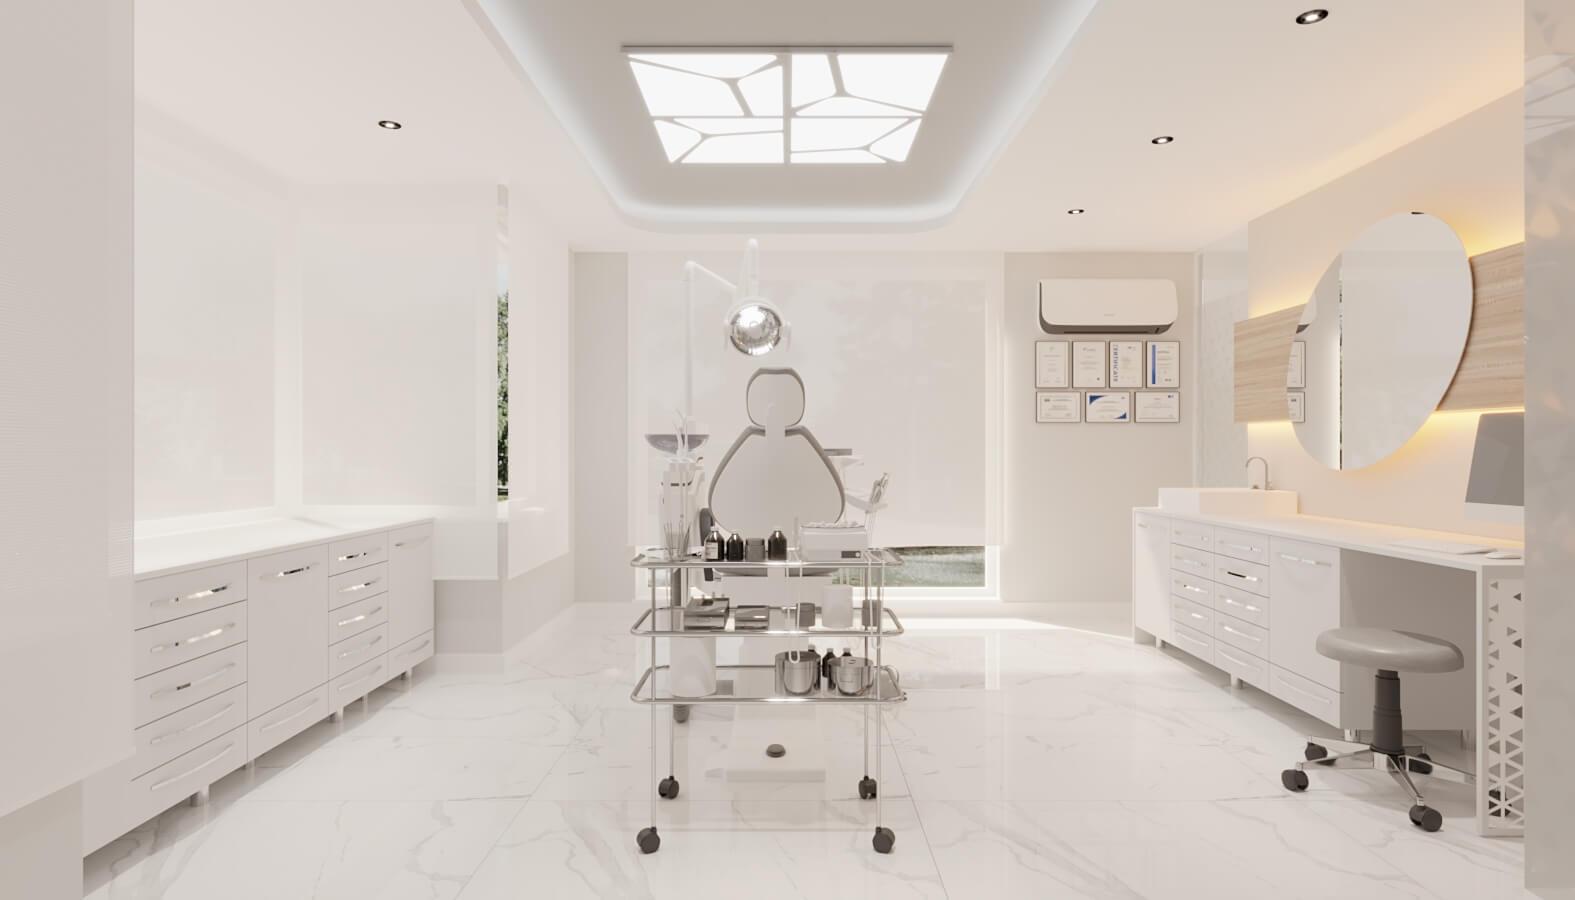 Diş kliniği tasarımı 4561 Ankara Diş Kliniği Tasarımı Sağlık